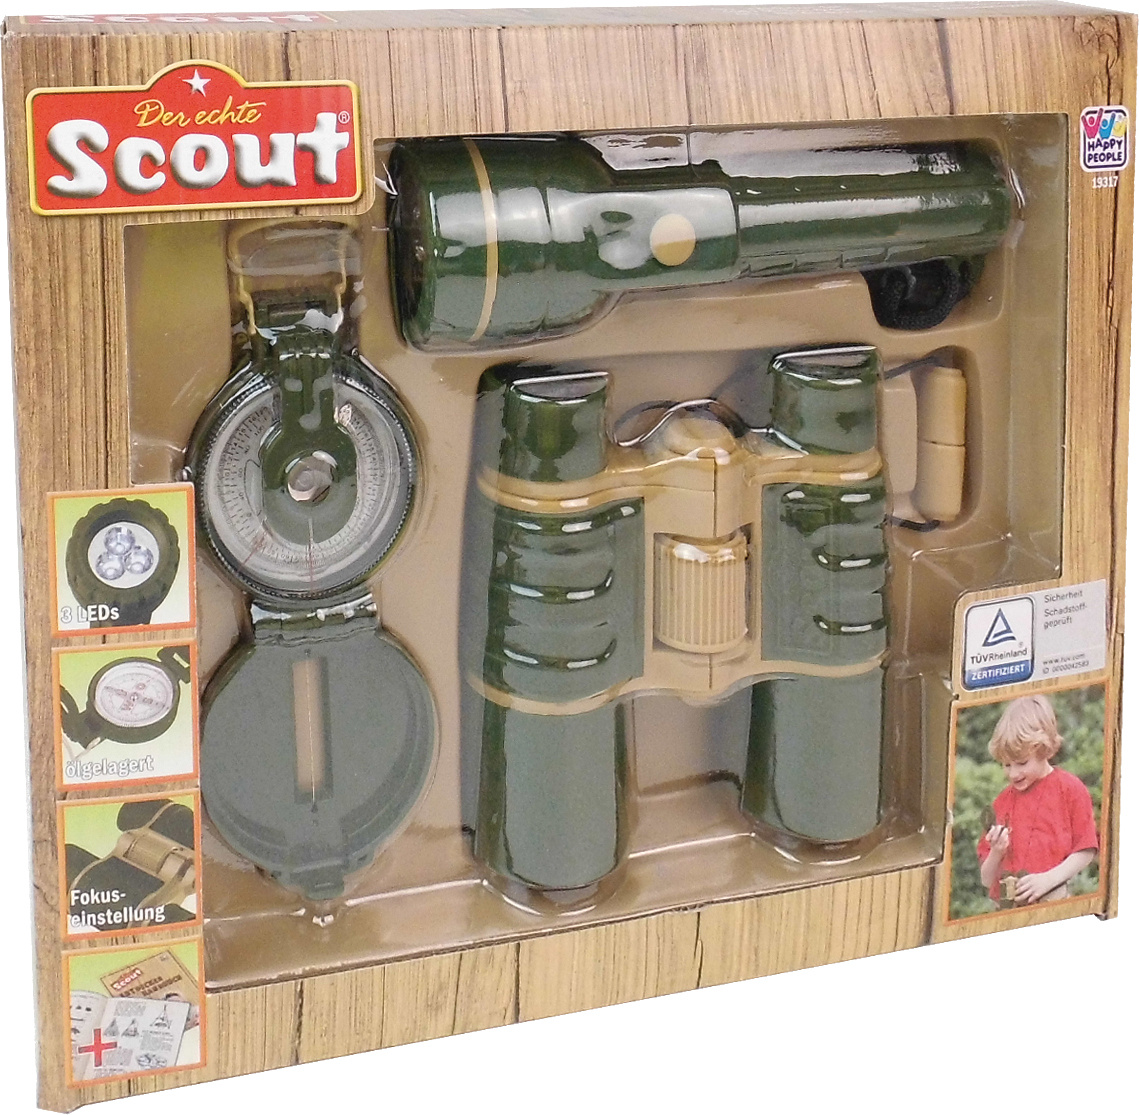 Scout - Opdagelses sæt